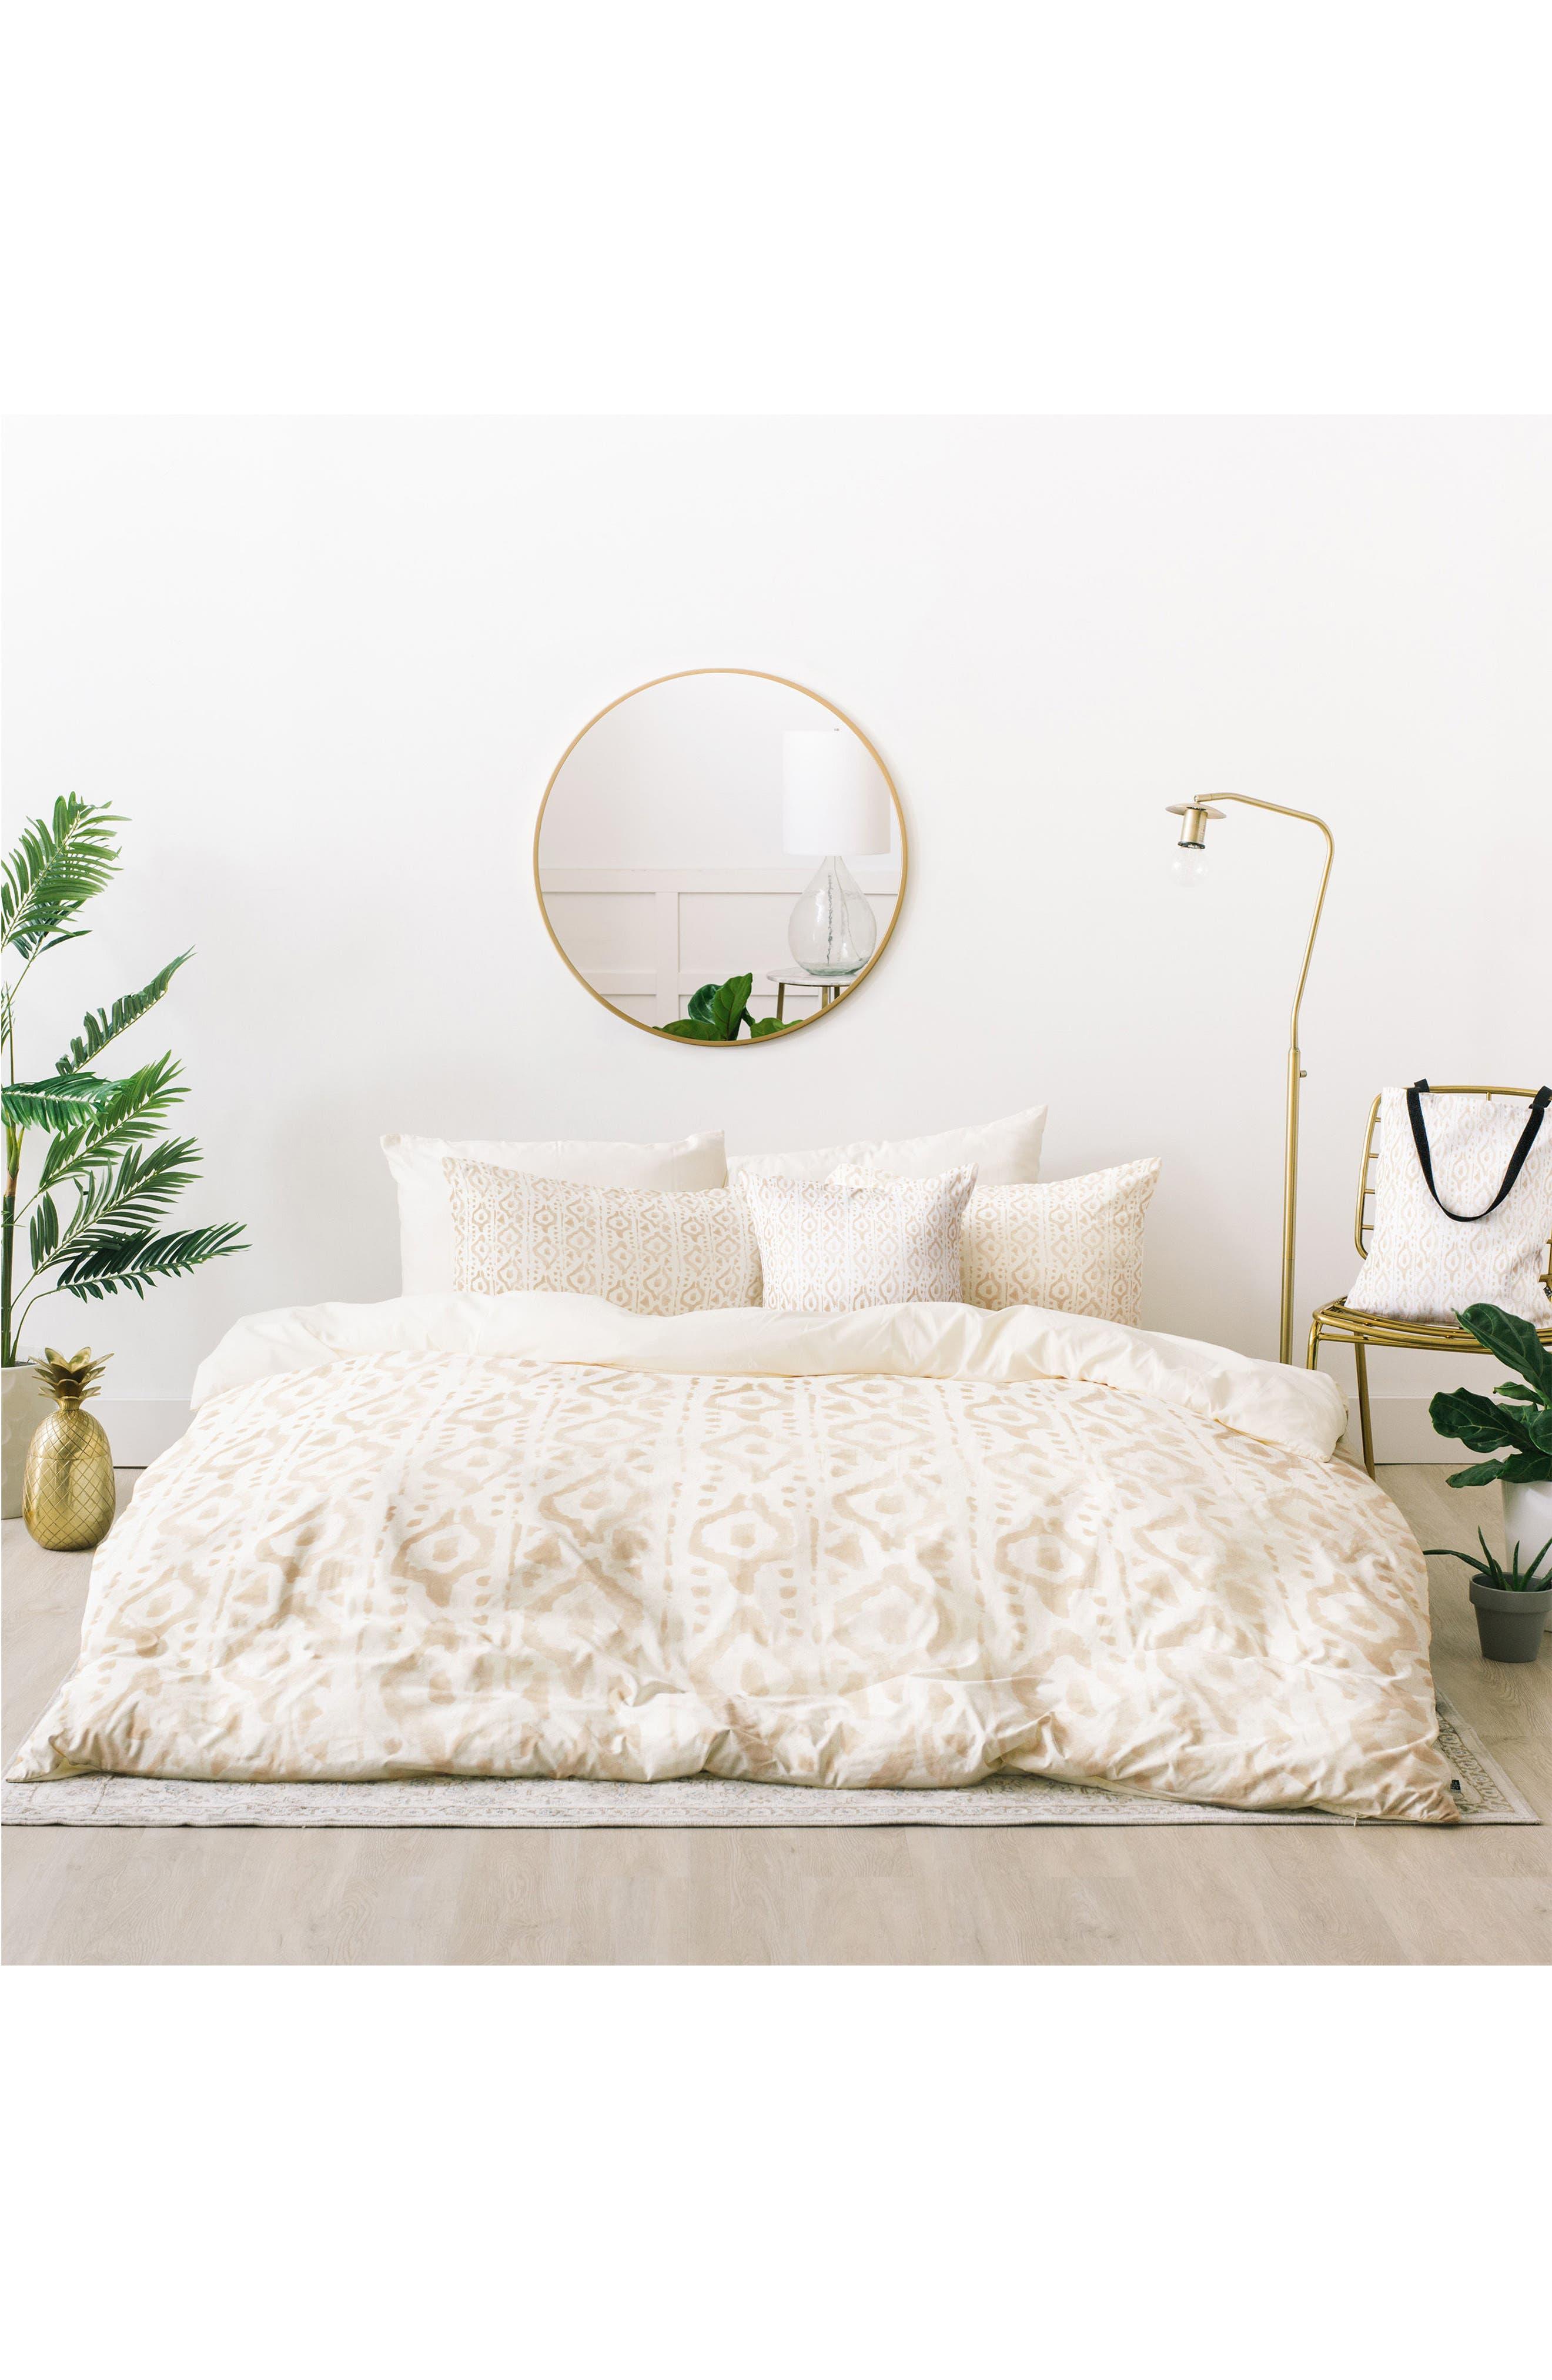 Deny Designs Wonder Forest Desert Bed In A Bag Duvet Cover, Sham U0026 Accent  Pillow Set